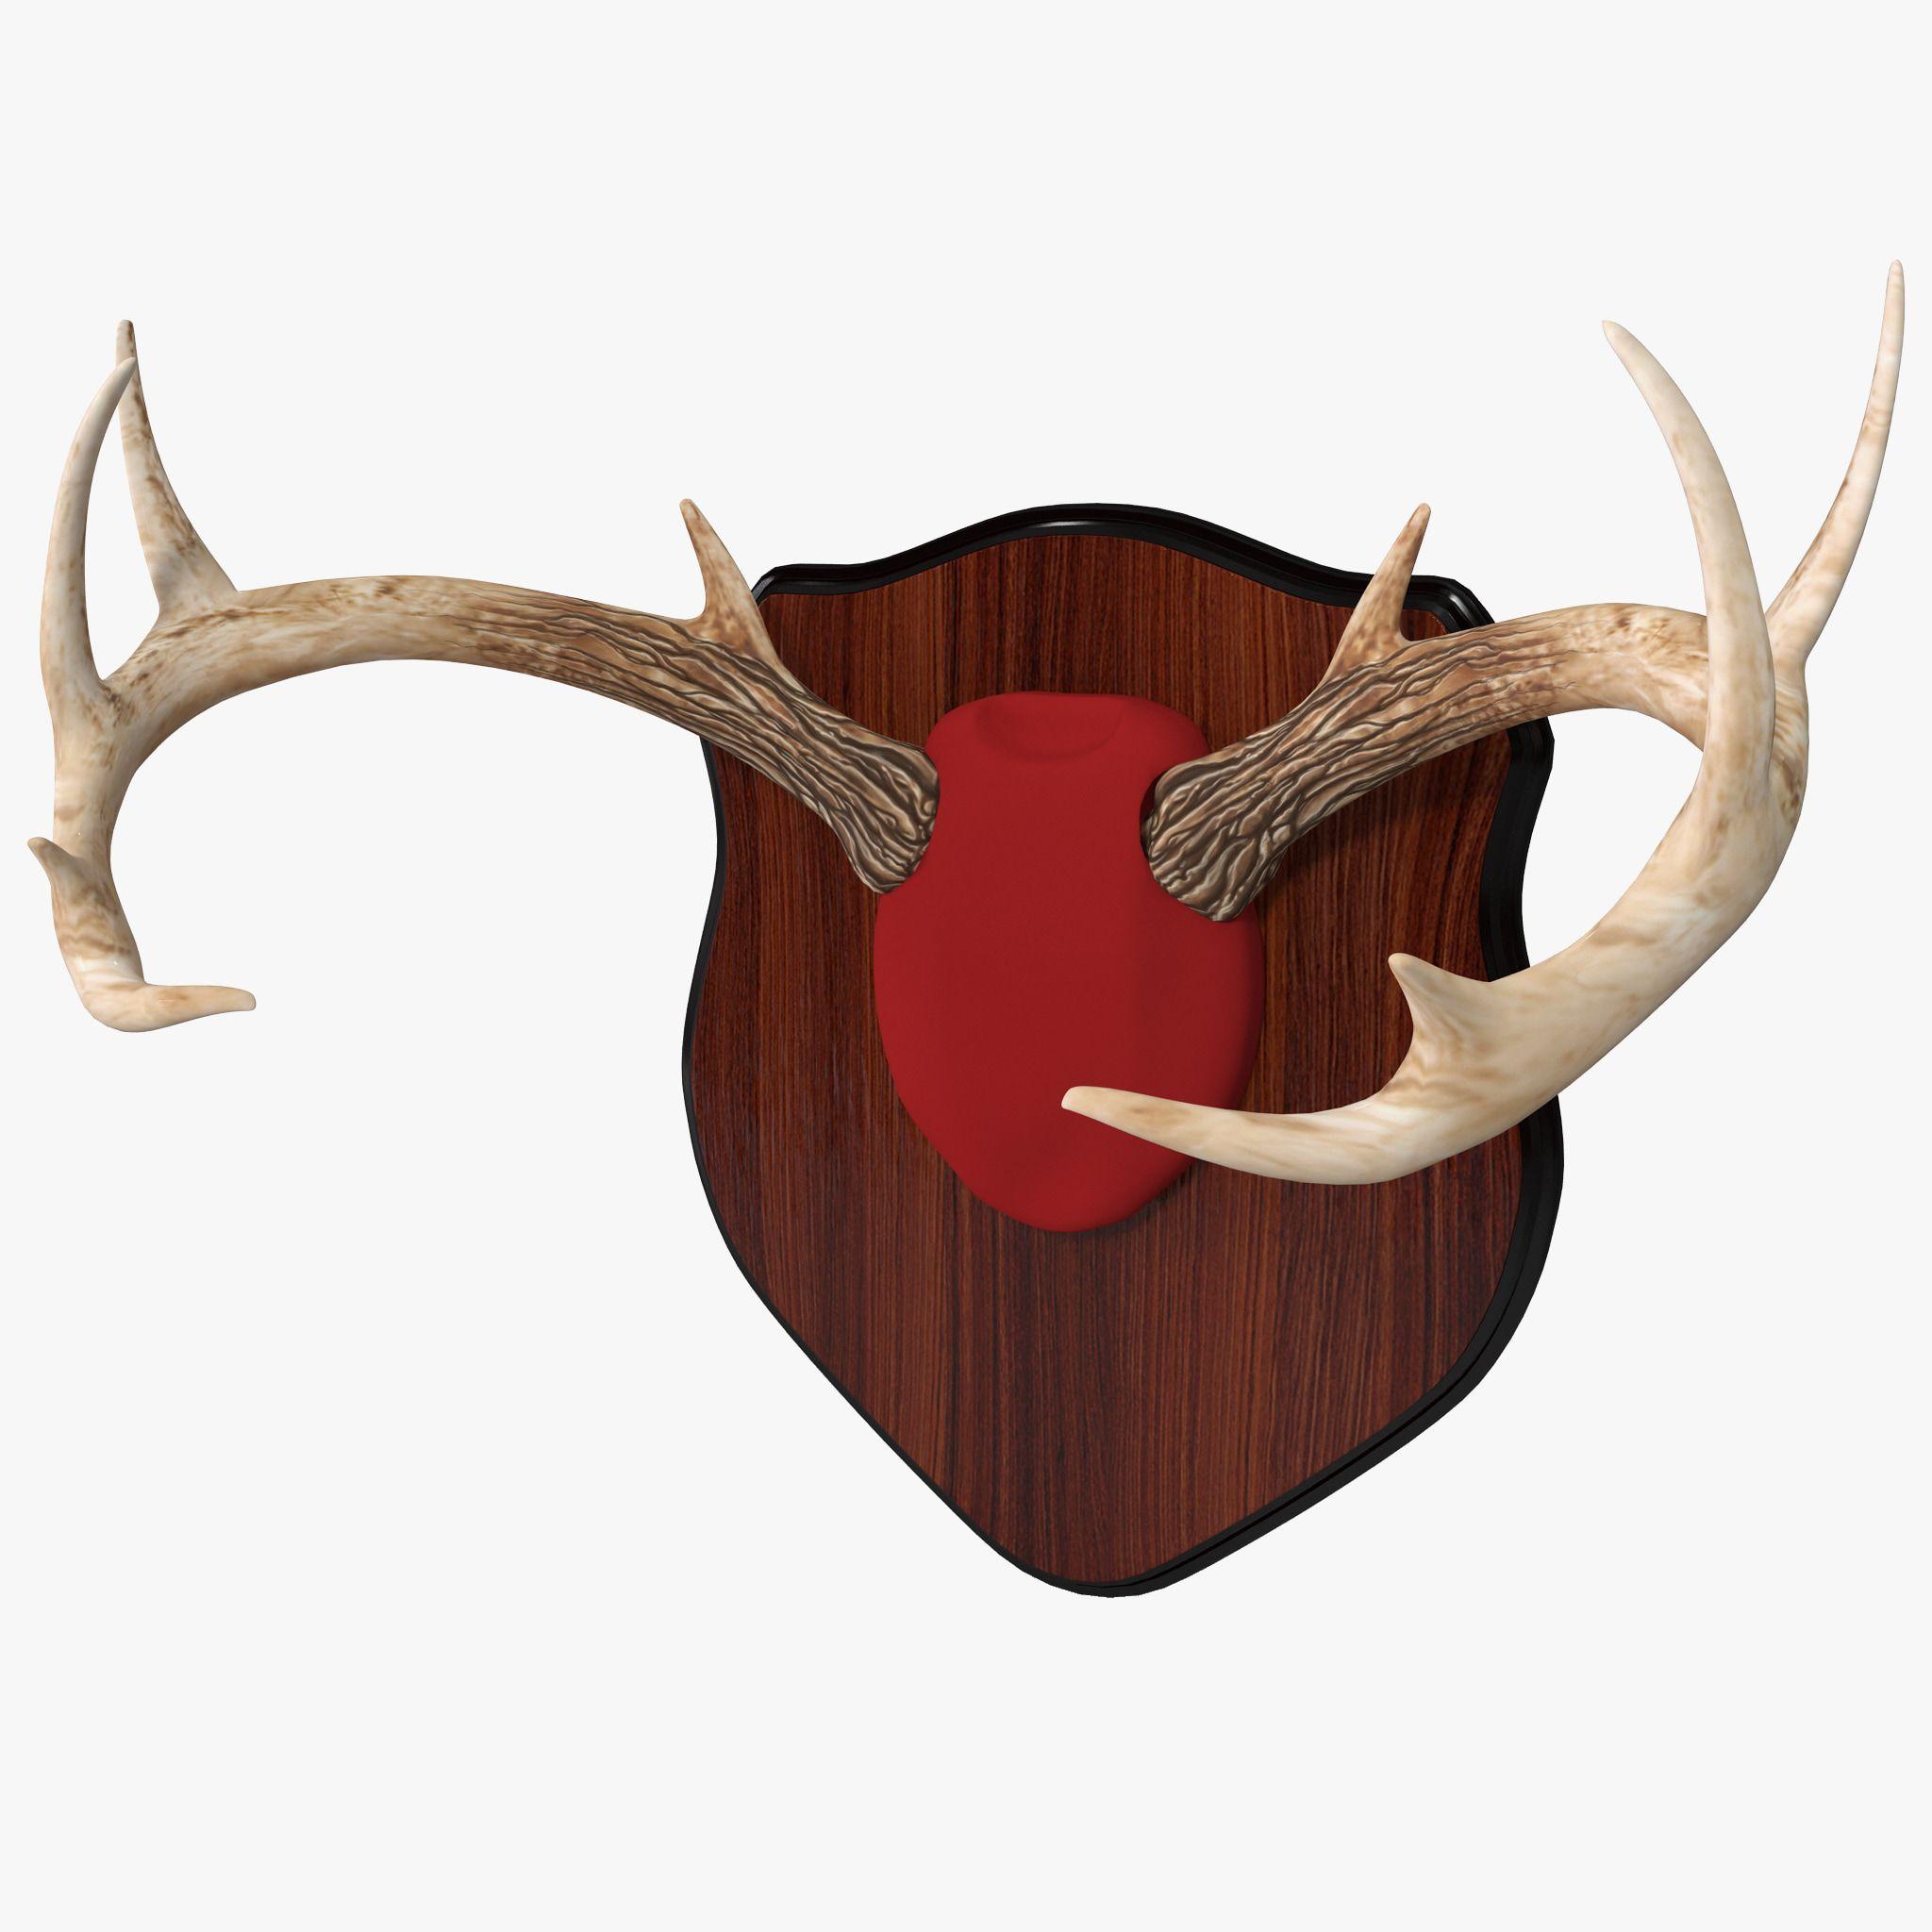 Mounted Deer Antlers 3D Model 3D Model 3D Modeling